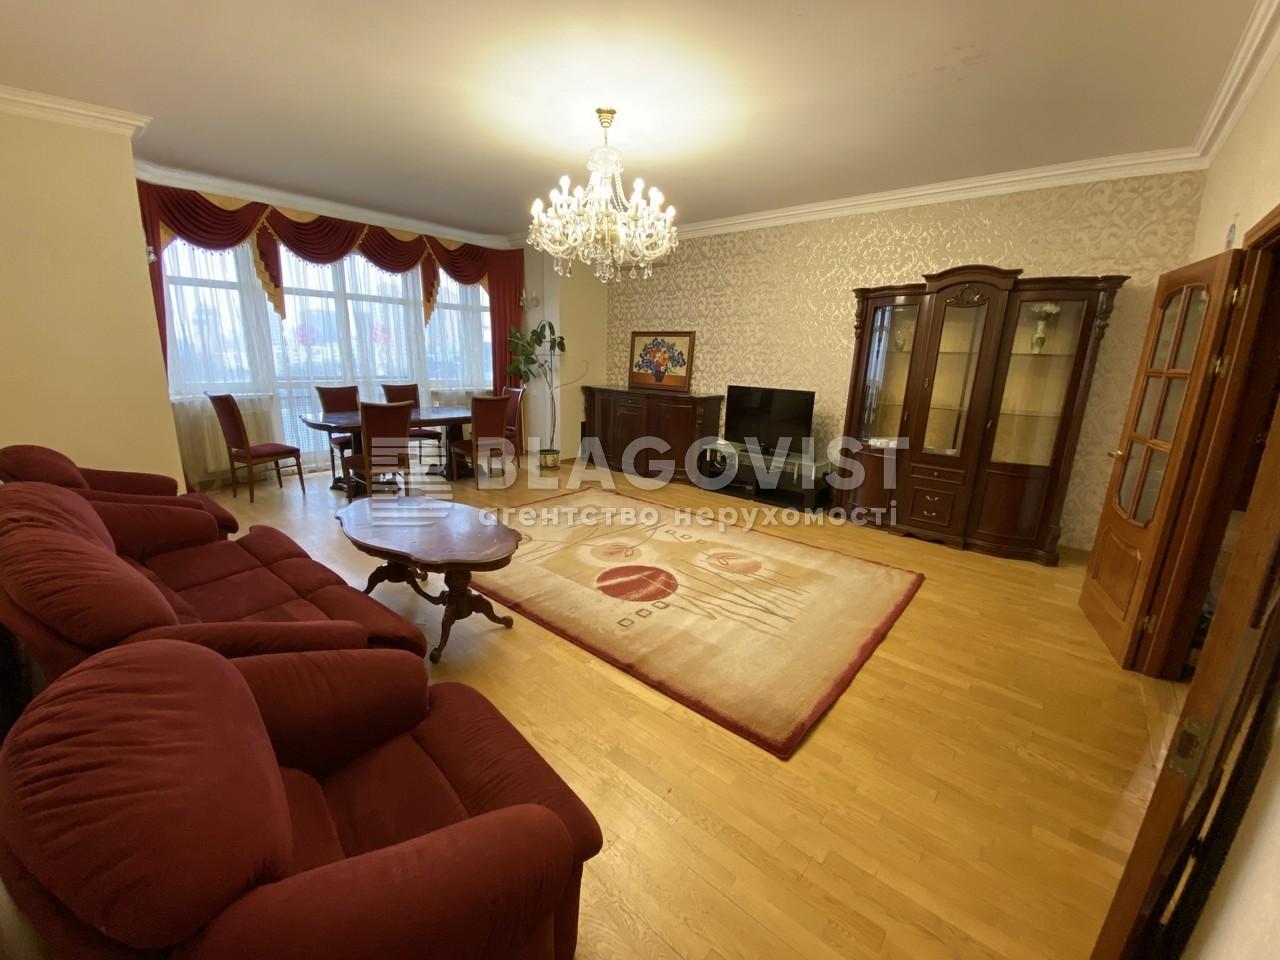 Квартира F-27157, Коновальца Евгения (Щорса), 32а, Киев - Фото 6